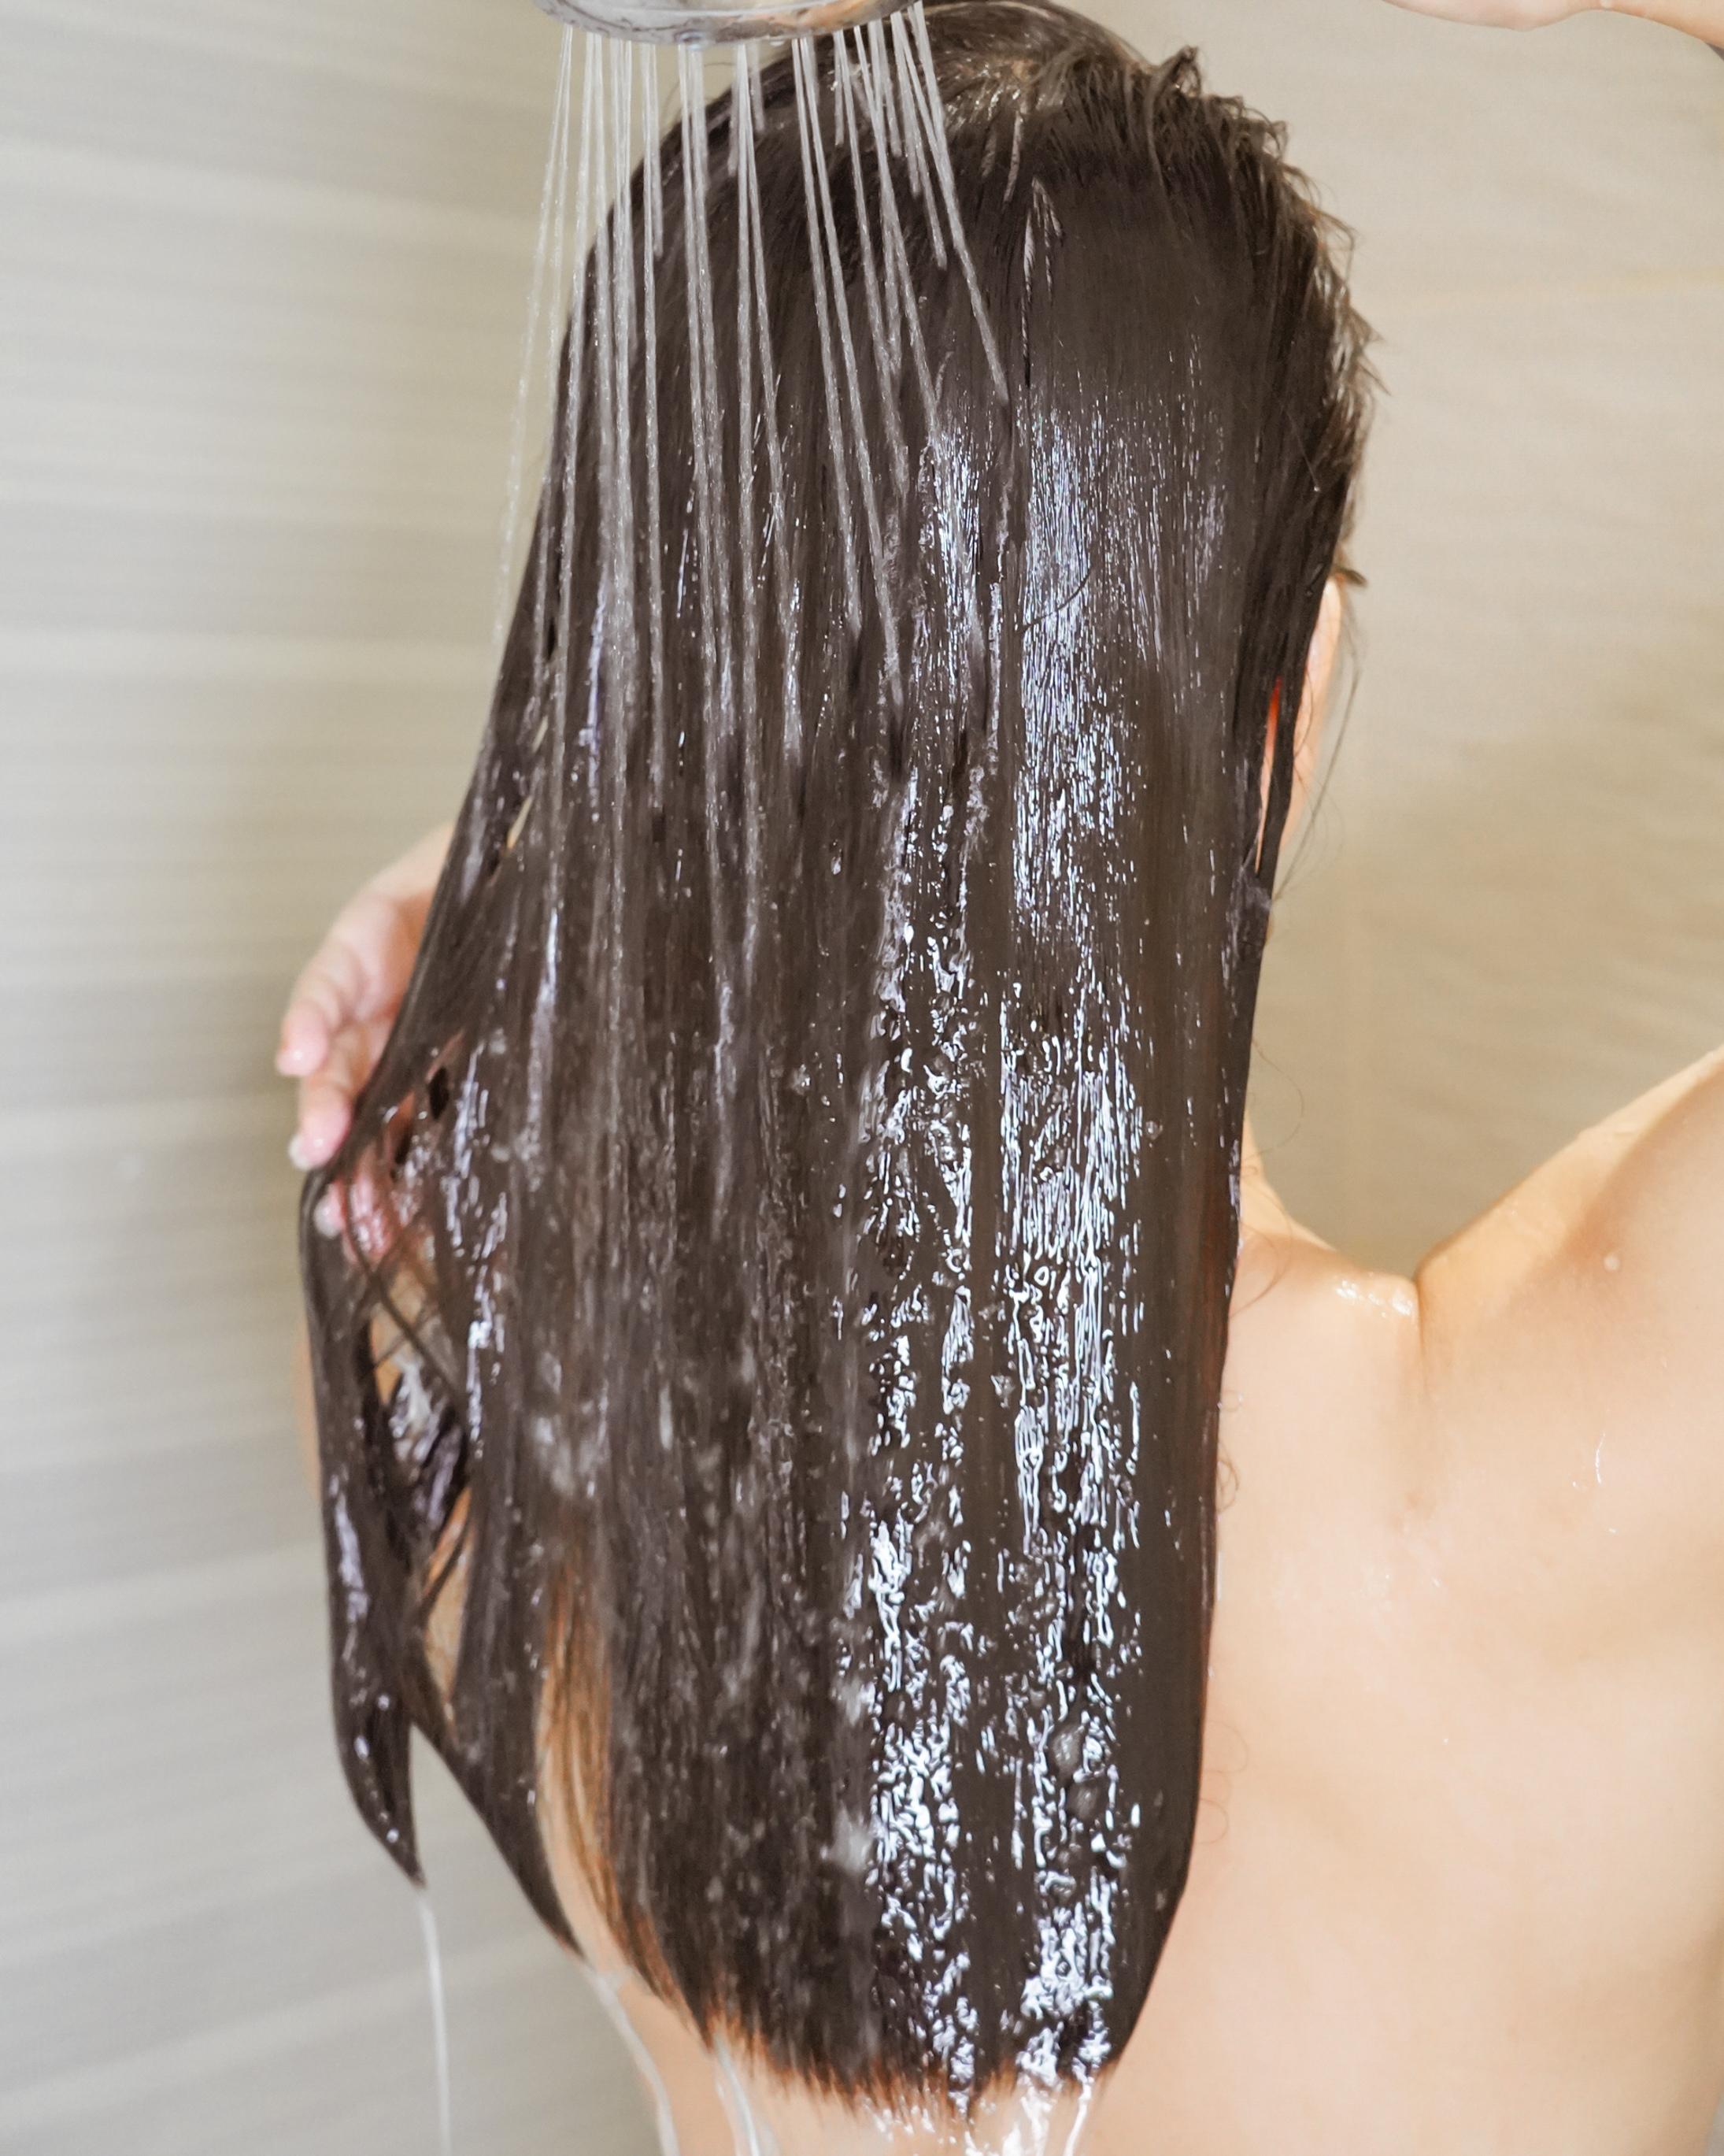 髮況皇后 LIKEY 萊客 洗髮精 護髮膜 精華露 打造輕柔秀髮三步驟8.JPG